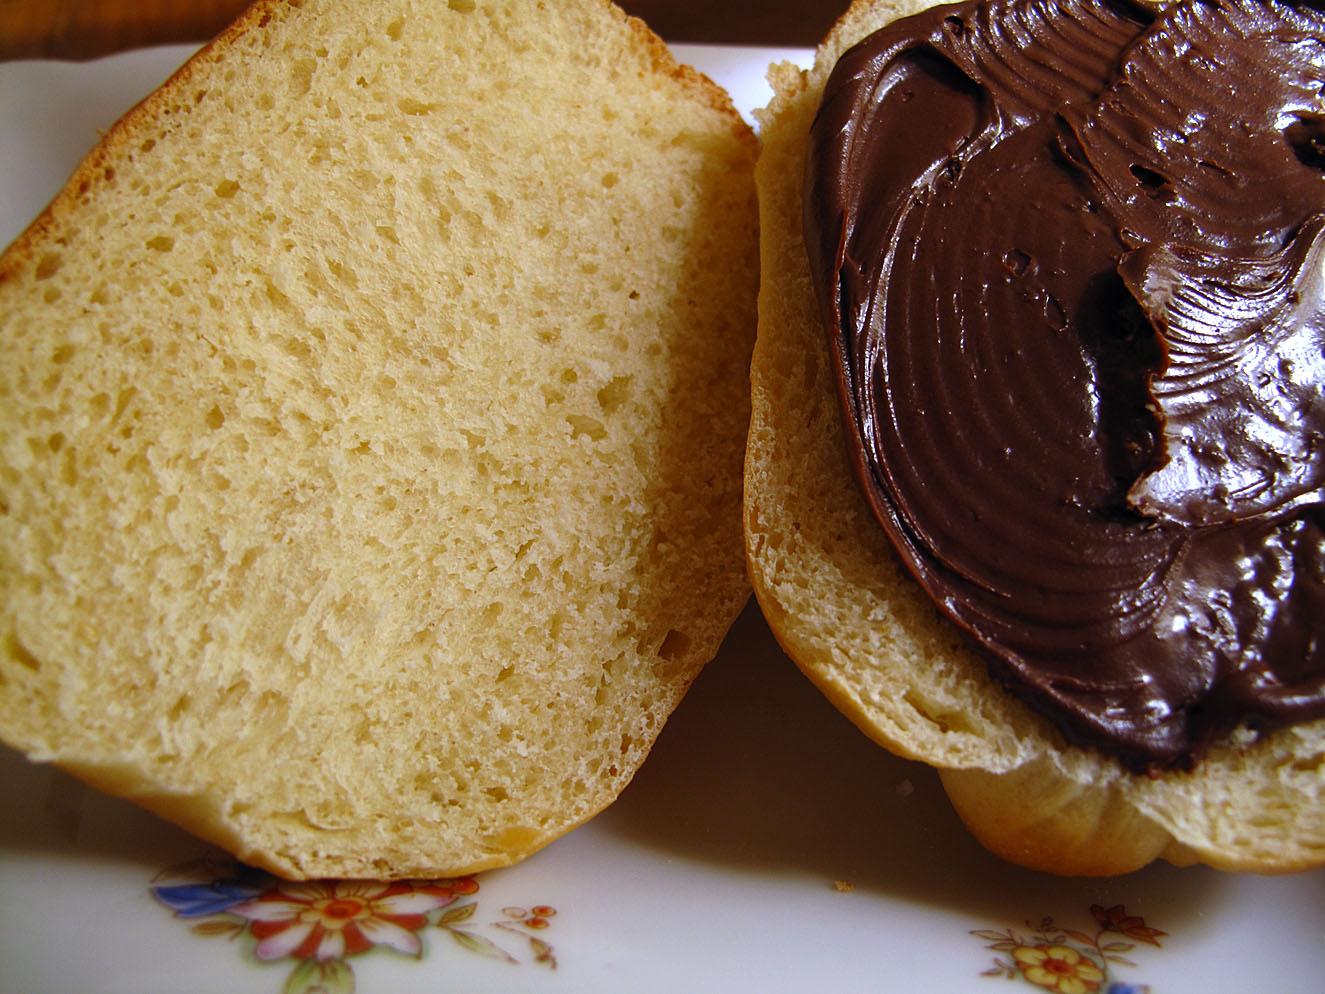 Pan de leche con crema de chocolate